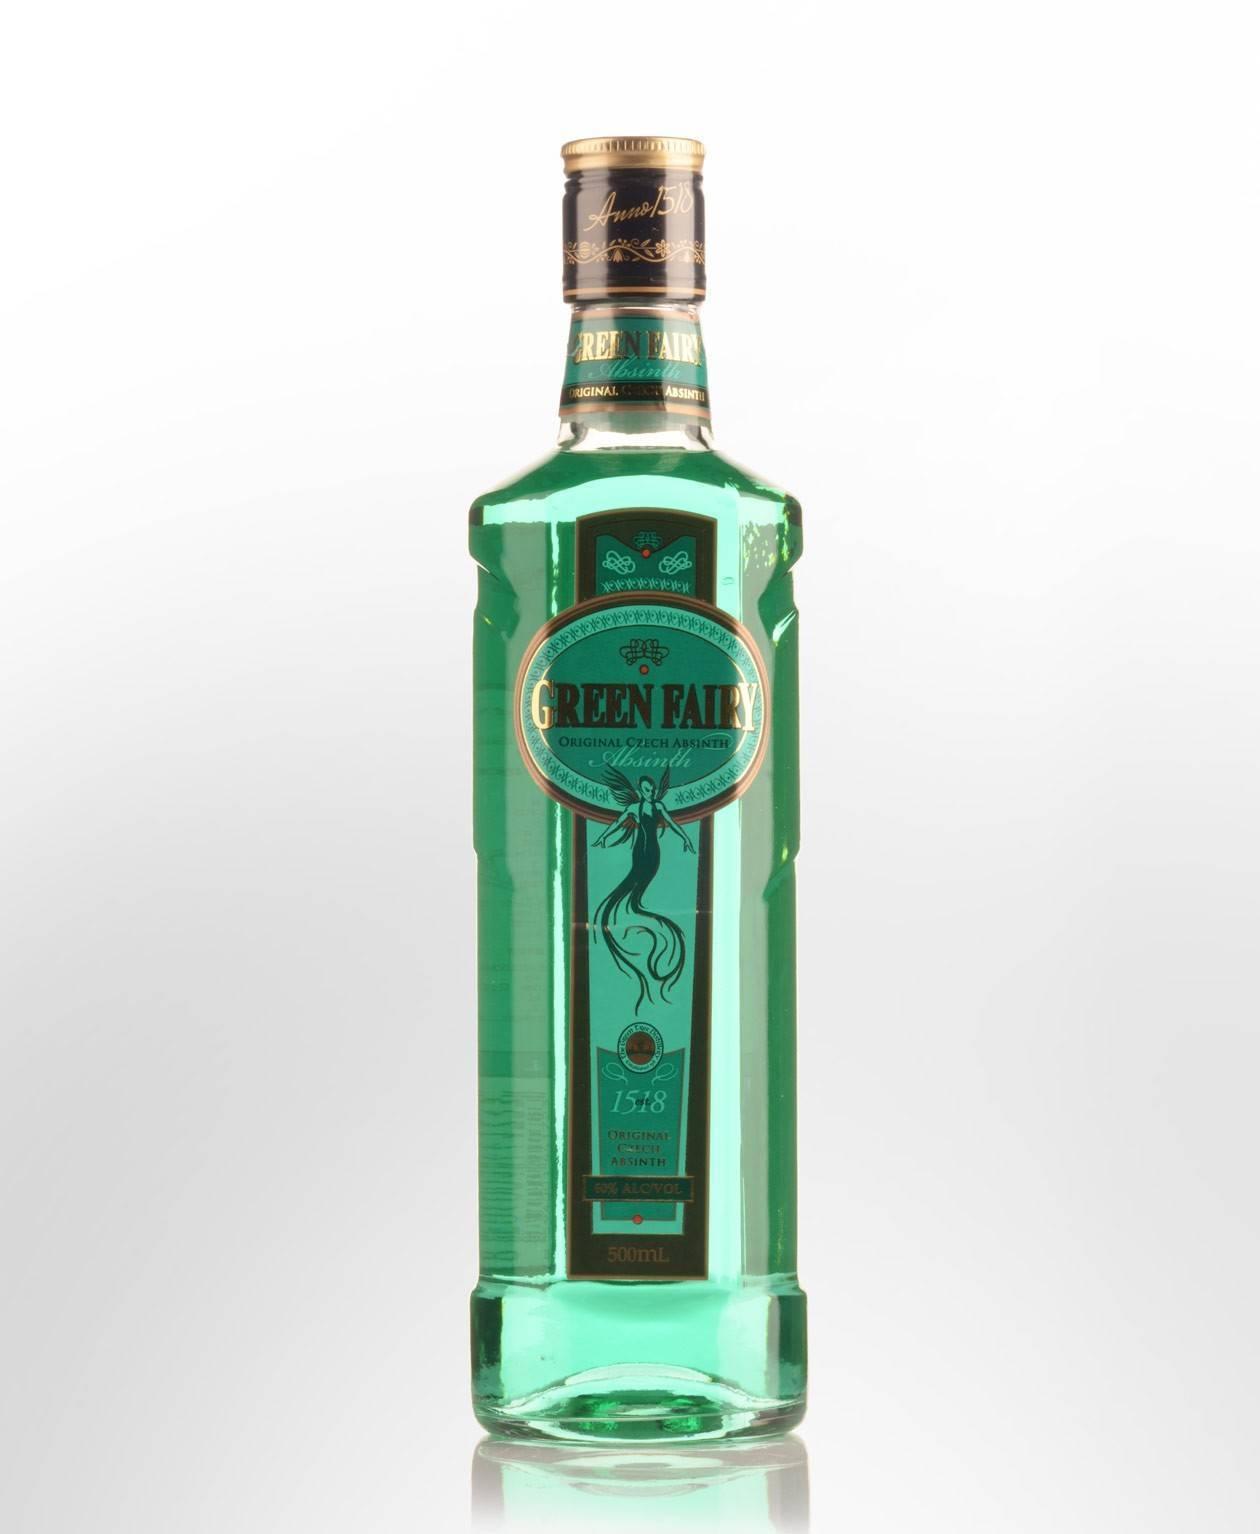 Абсент: как правильно пить напиток в чистом виде и чем разбавлять